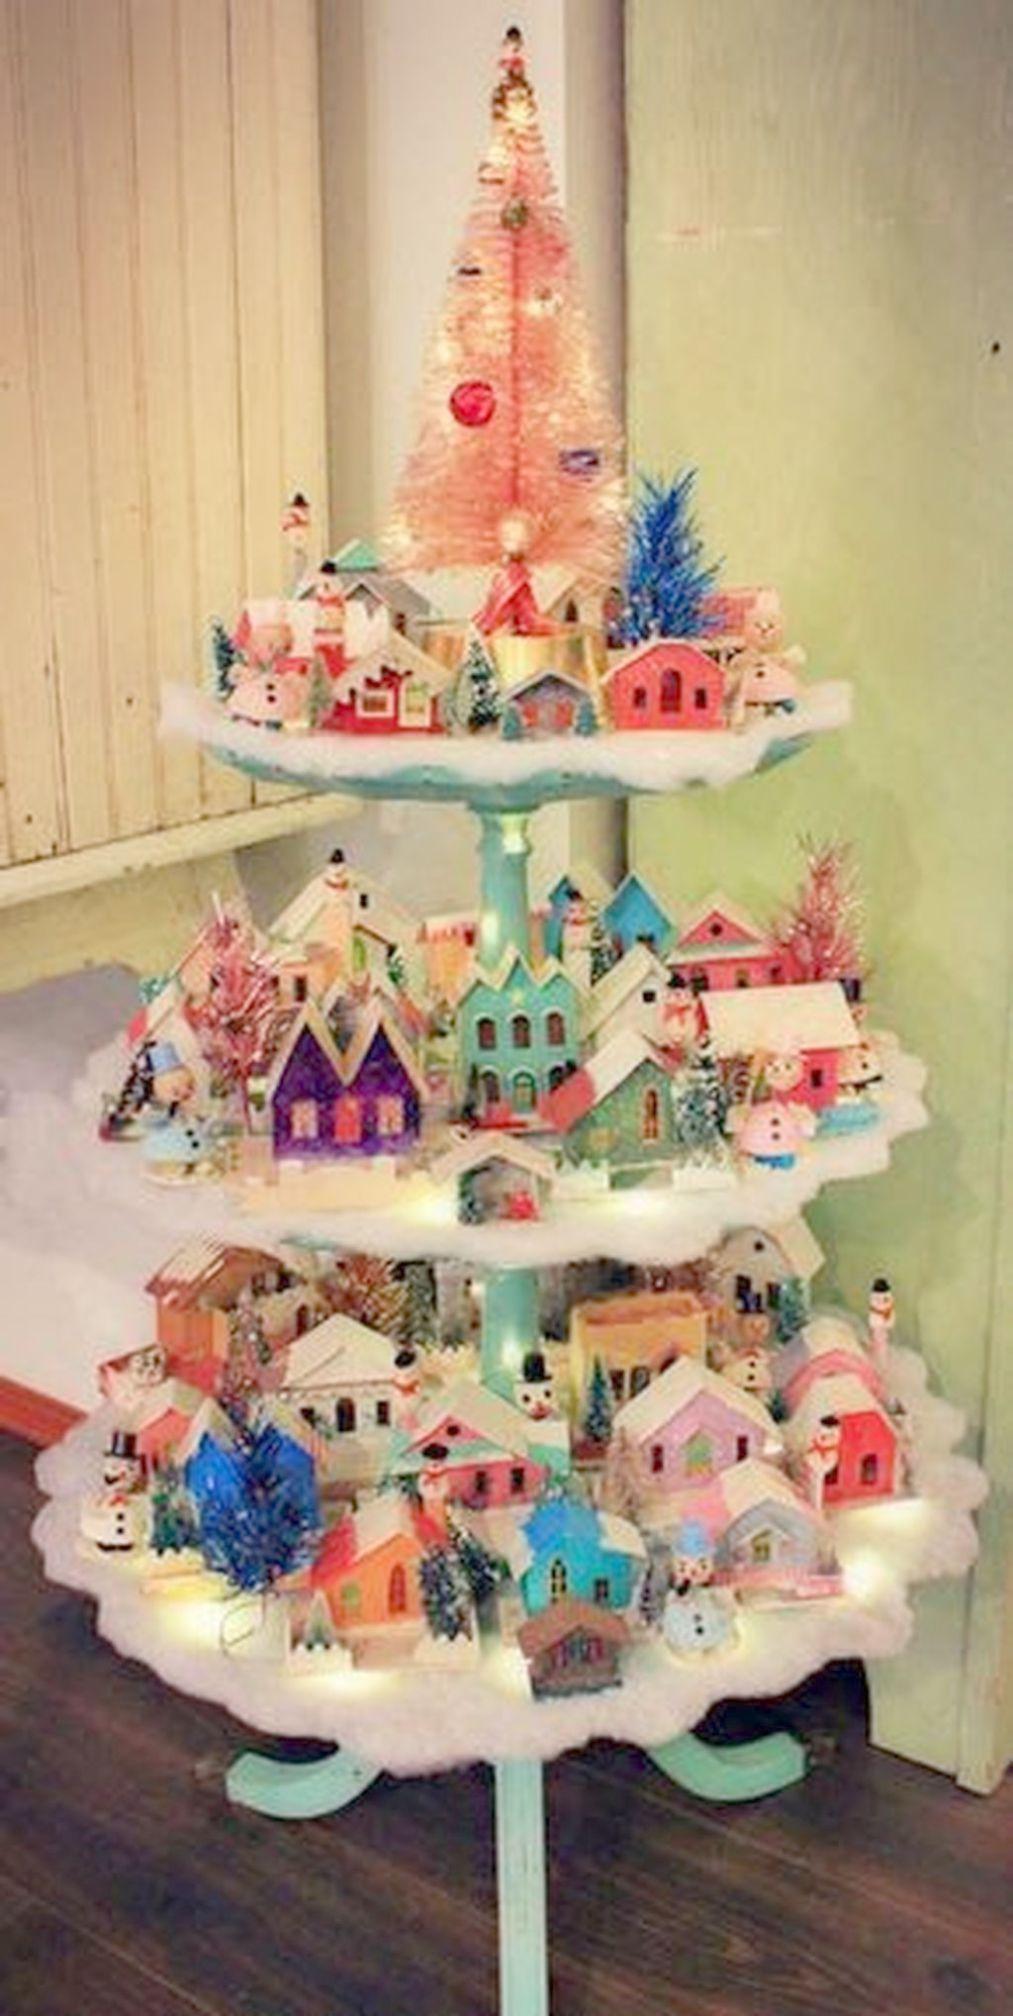 Home Alone Christmas Reunion.Christmas Vacation Rant Quote Lot Christmas Reunion Home